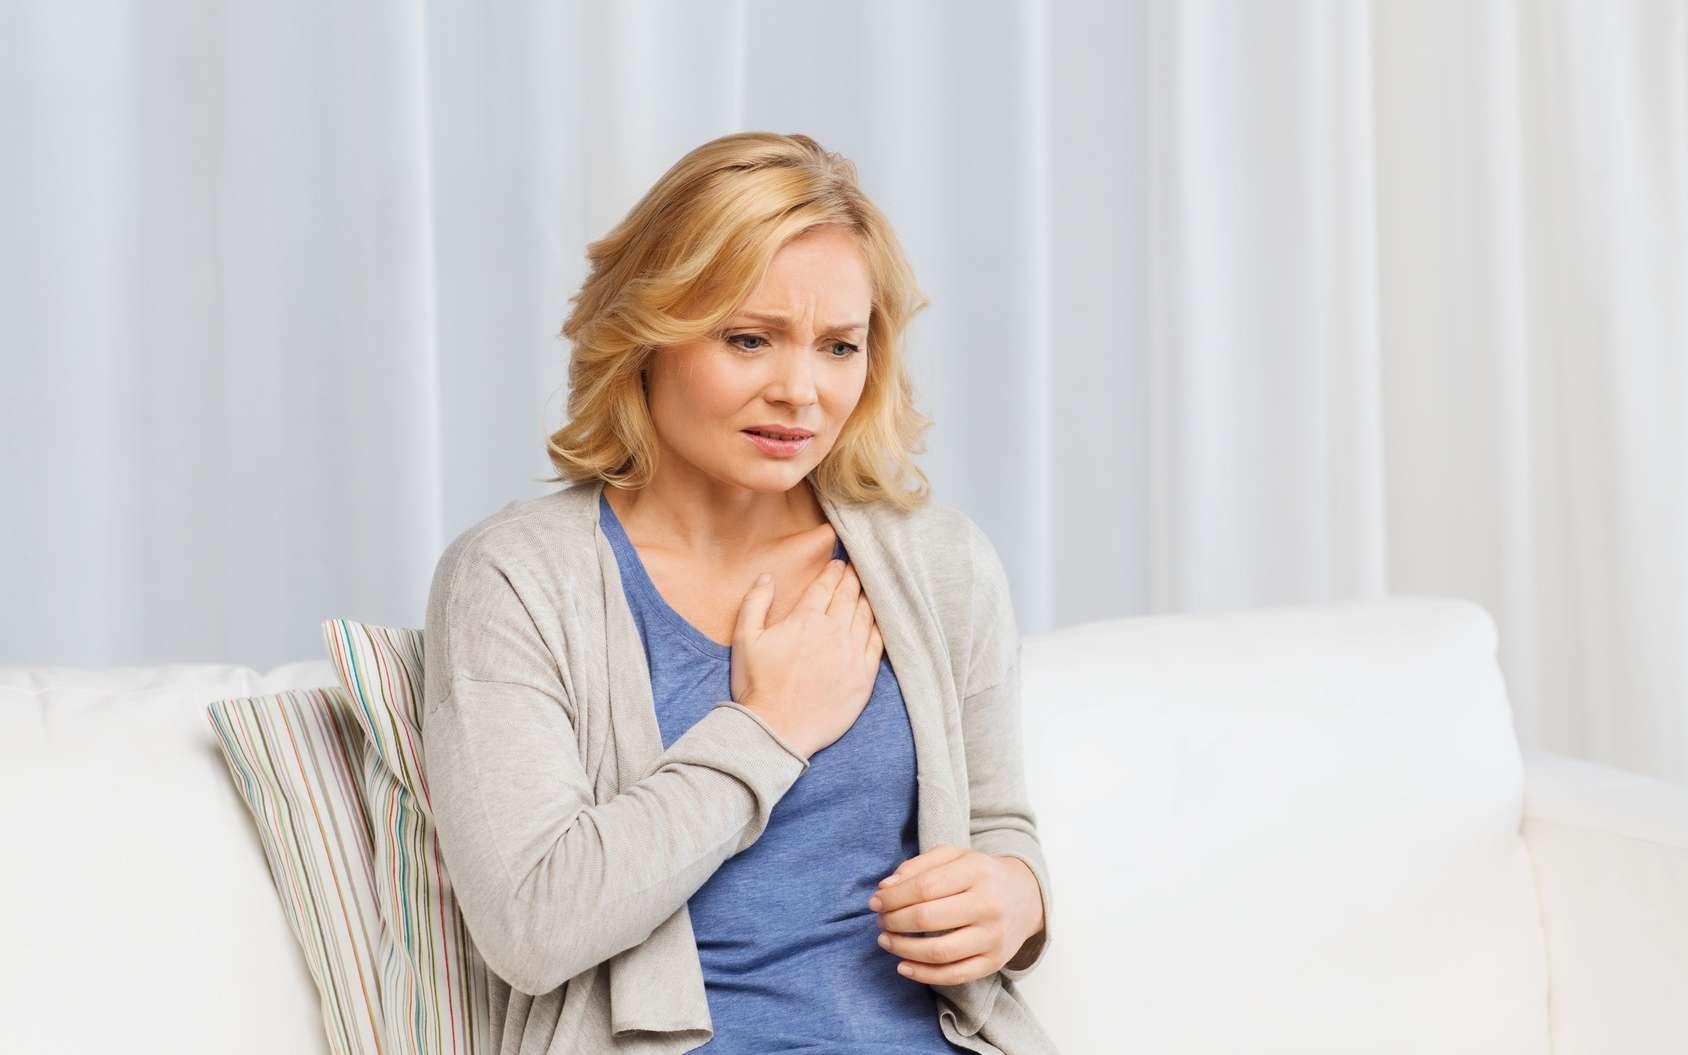 L'infarctus du myocarde atypique touche des femmes jeunes apparemment en bonne santé. © Syda Productions, Fotolia